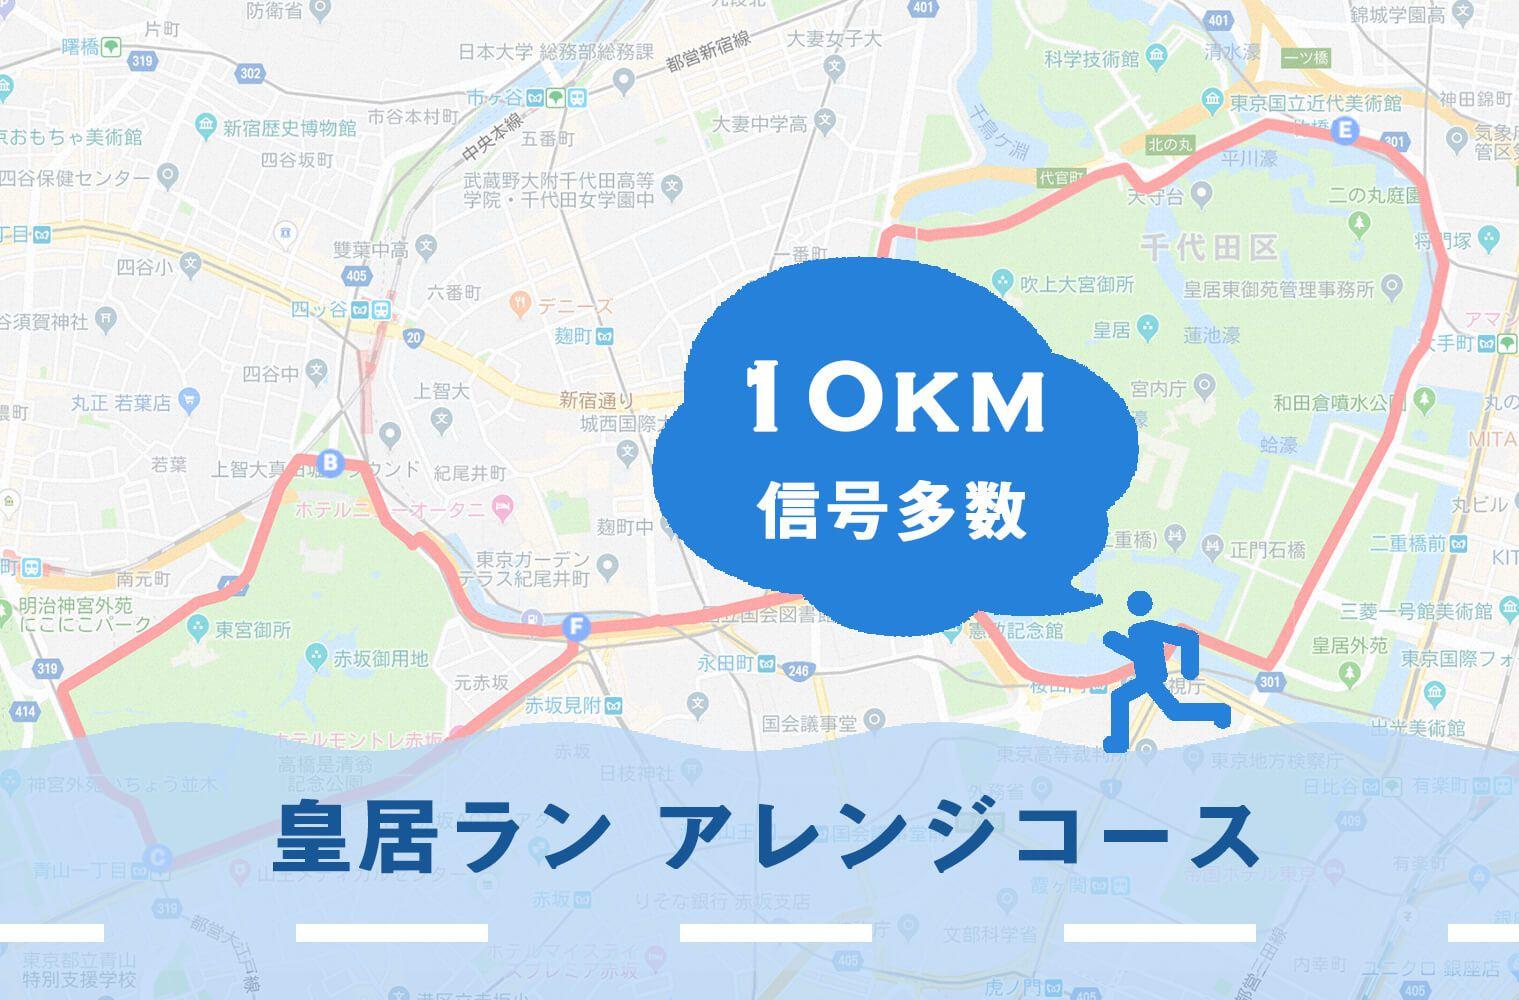 約10km(信号多数) 皇居ラン アレンジランニングコースガイド